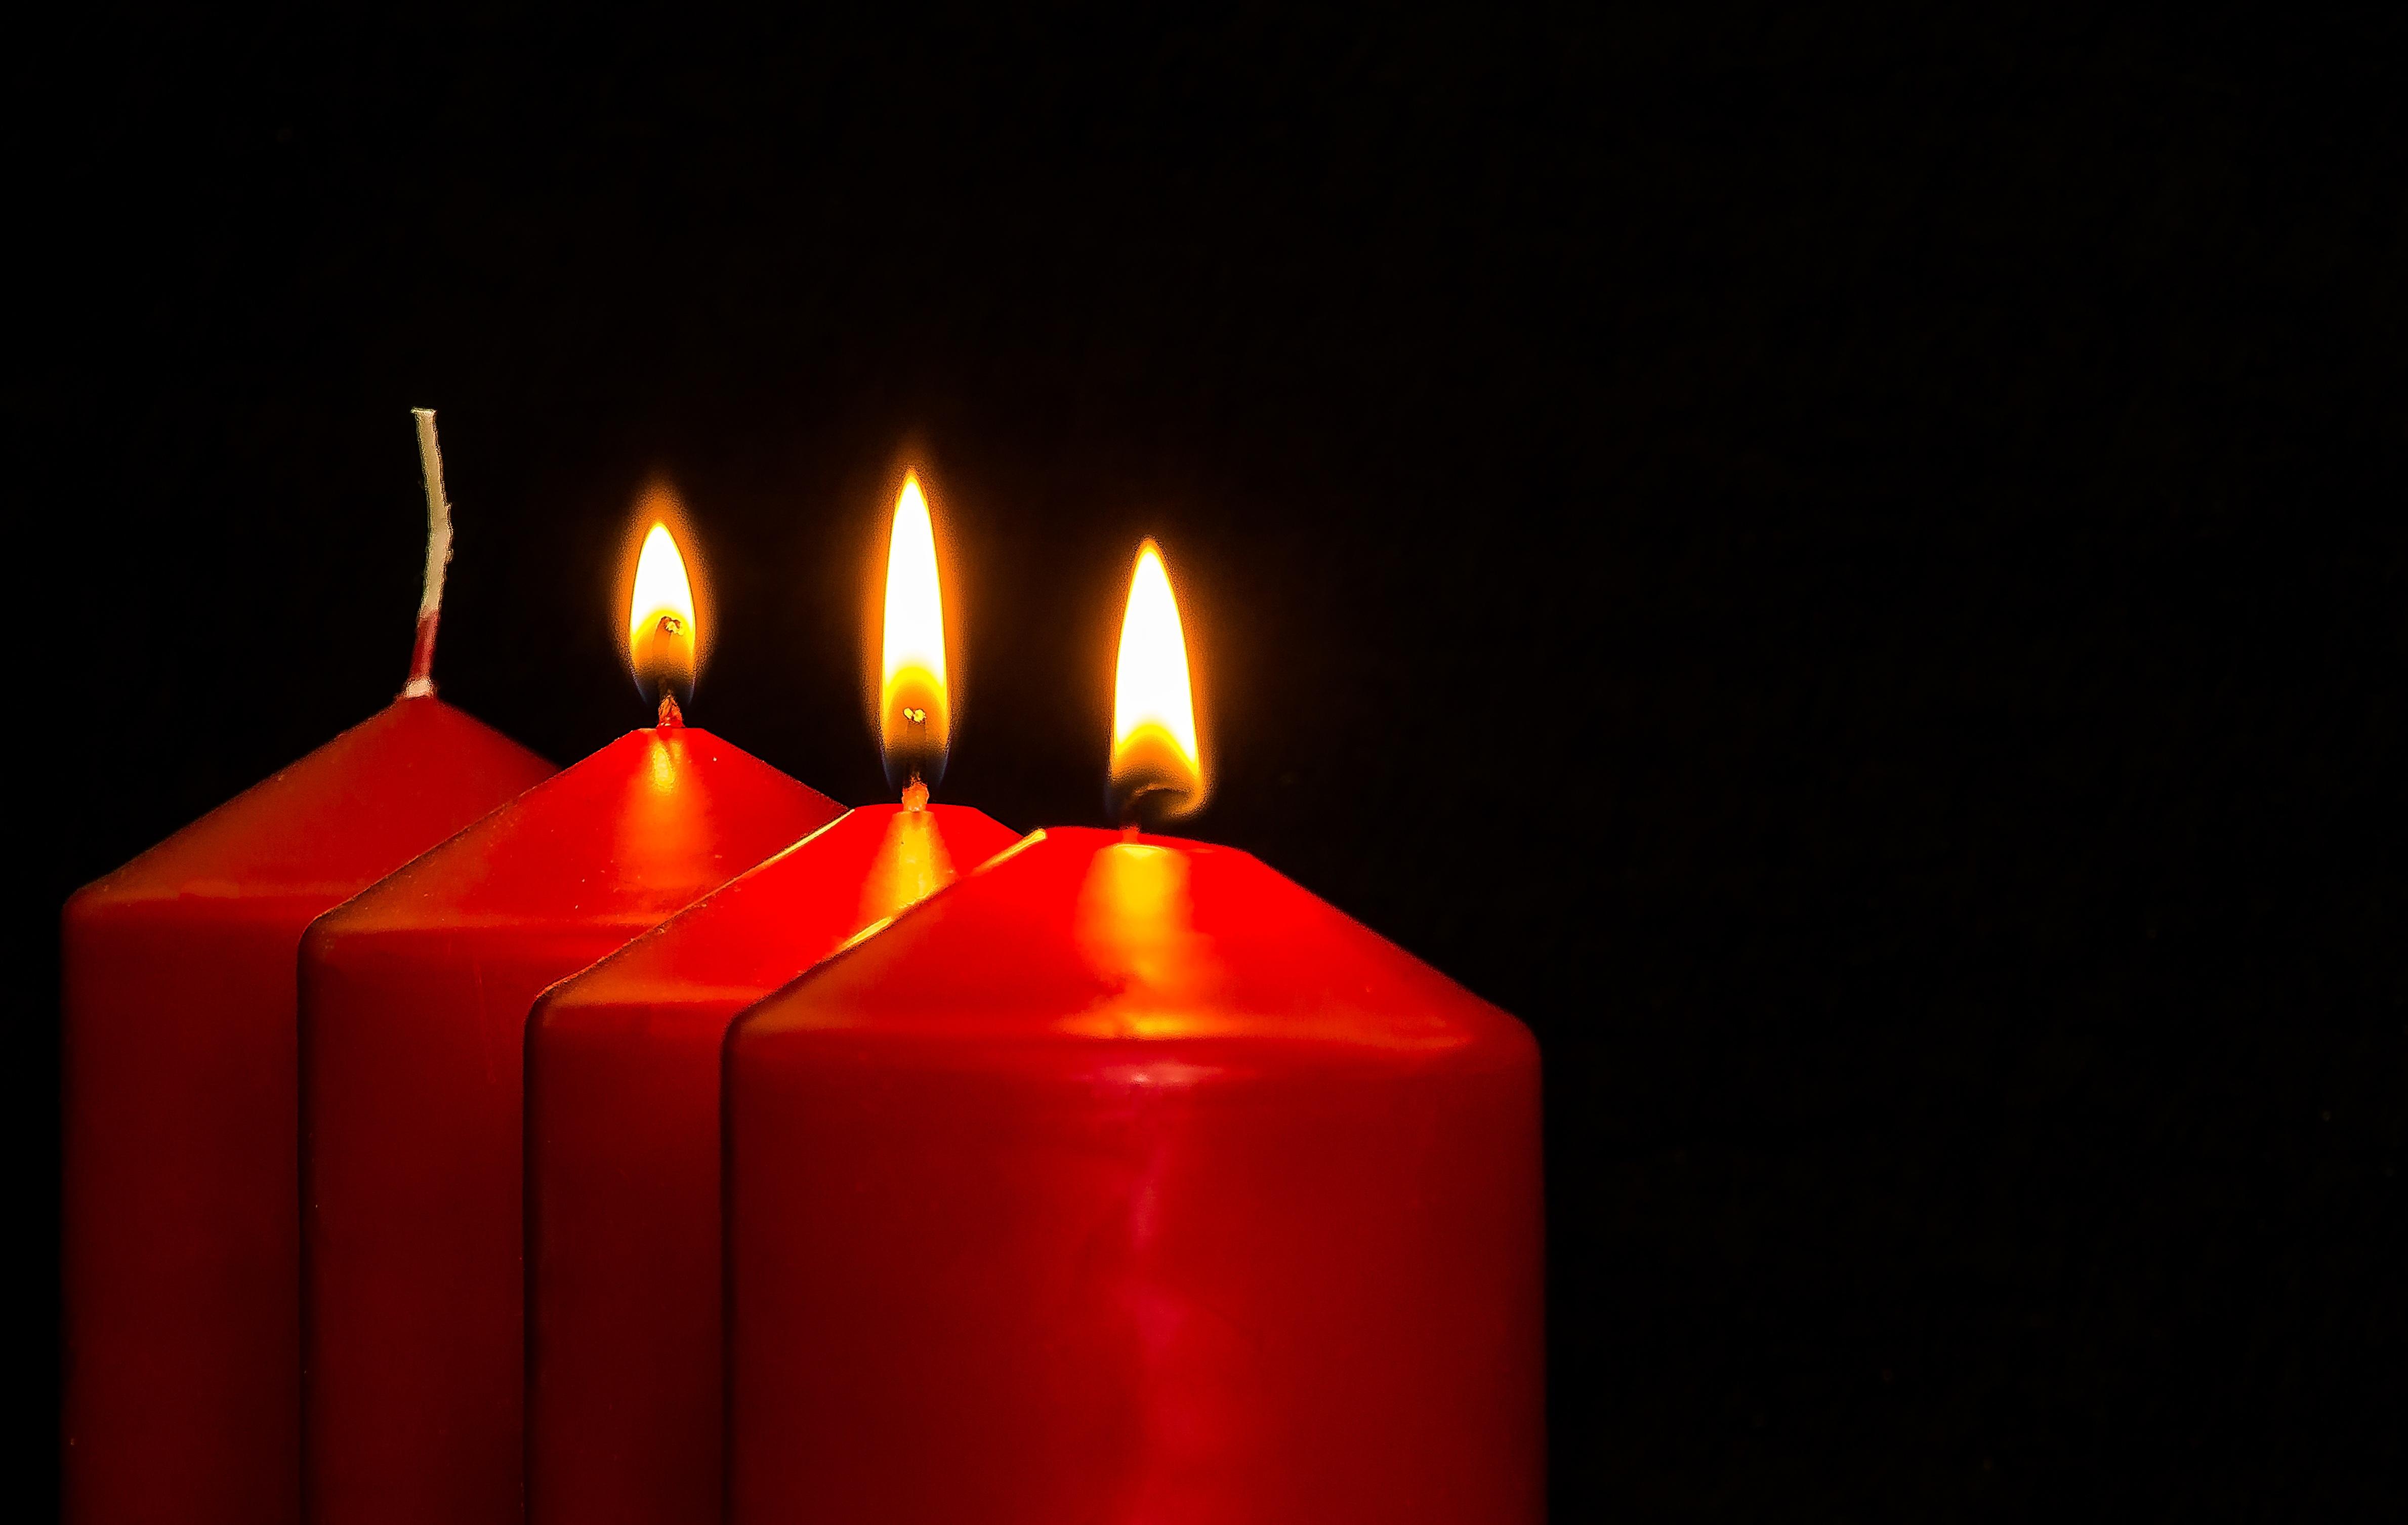 free images light red darkness lighting. Black Bedroom Furniture Sets. Home Design Ideas